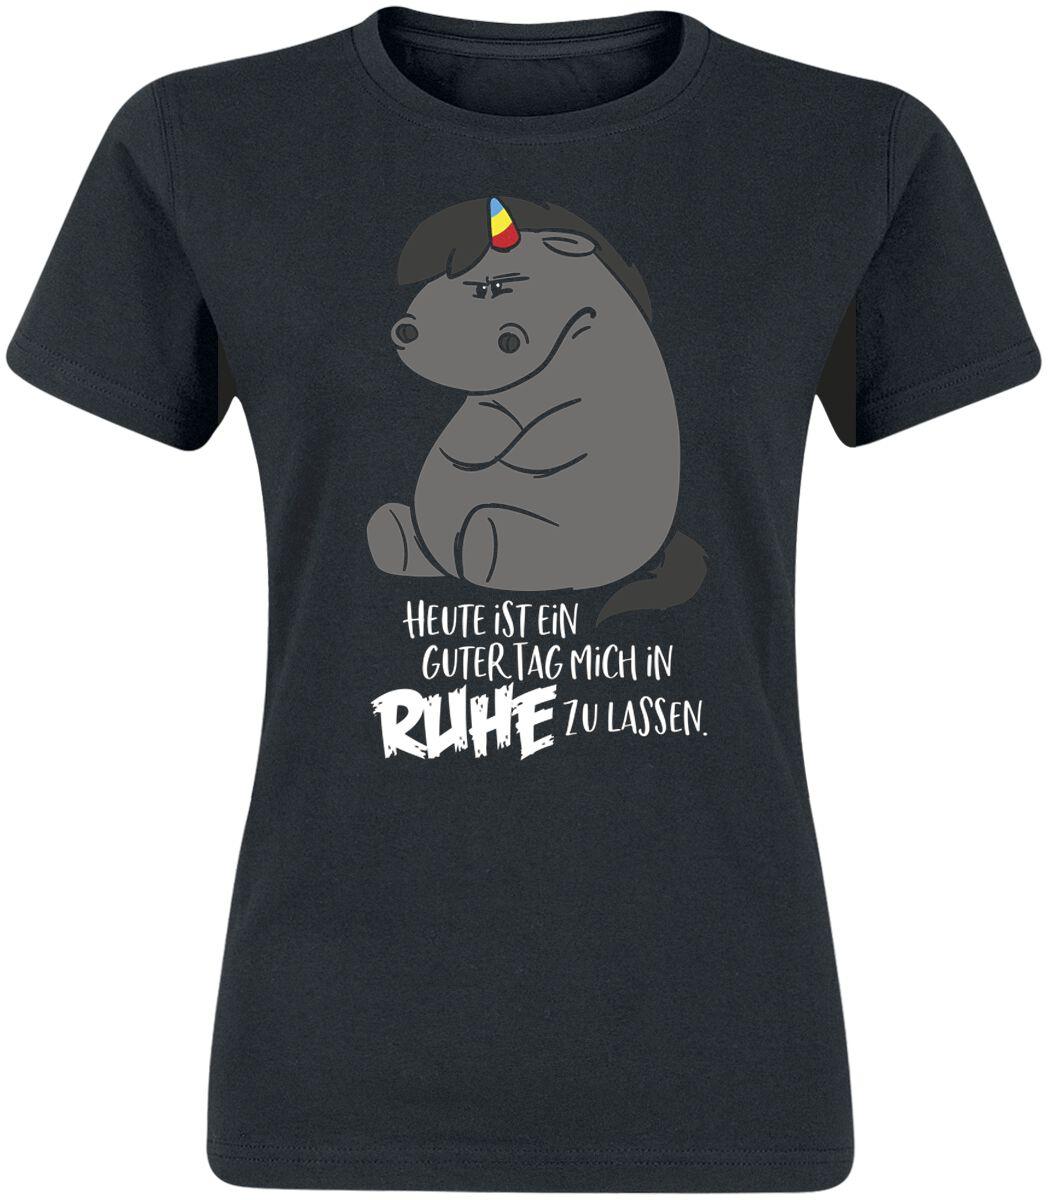 Pummeleinhorn Grummeleinhorn - Heute ist ein guter Tag mich in Ruhe zu lassen. T-Shirt schwarz #04178